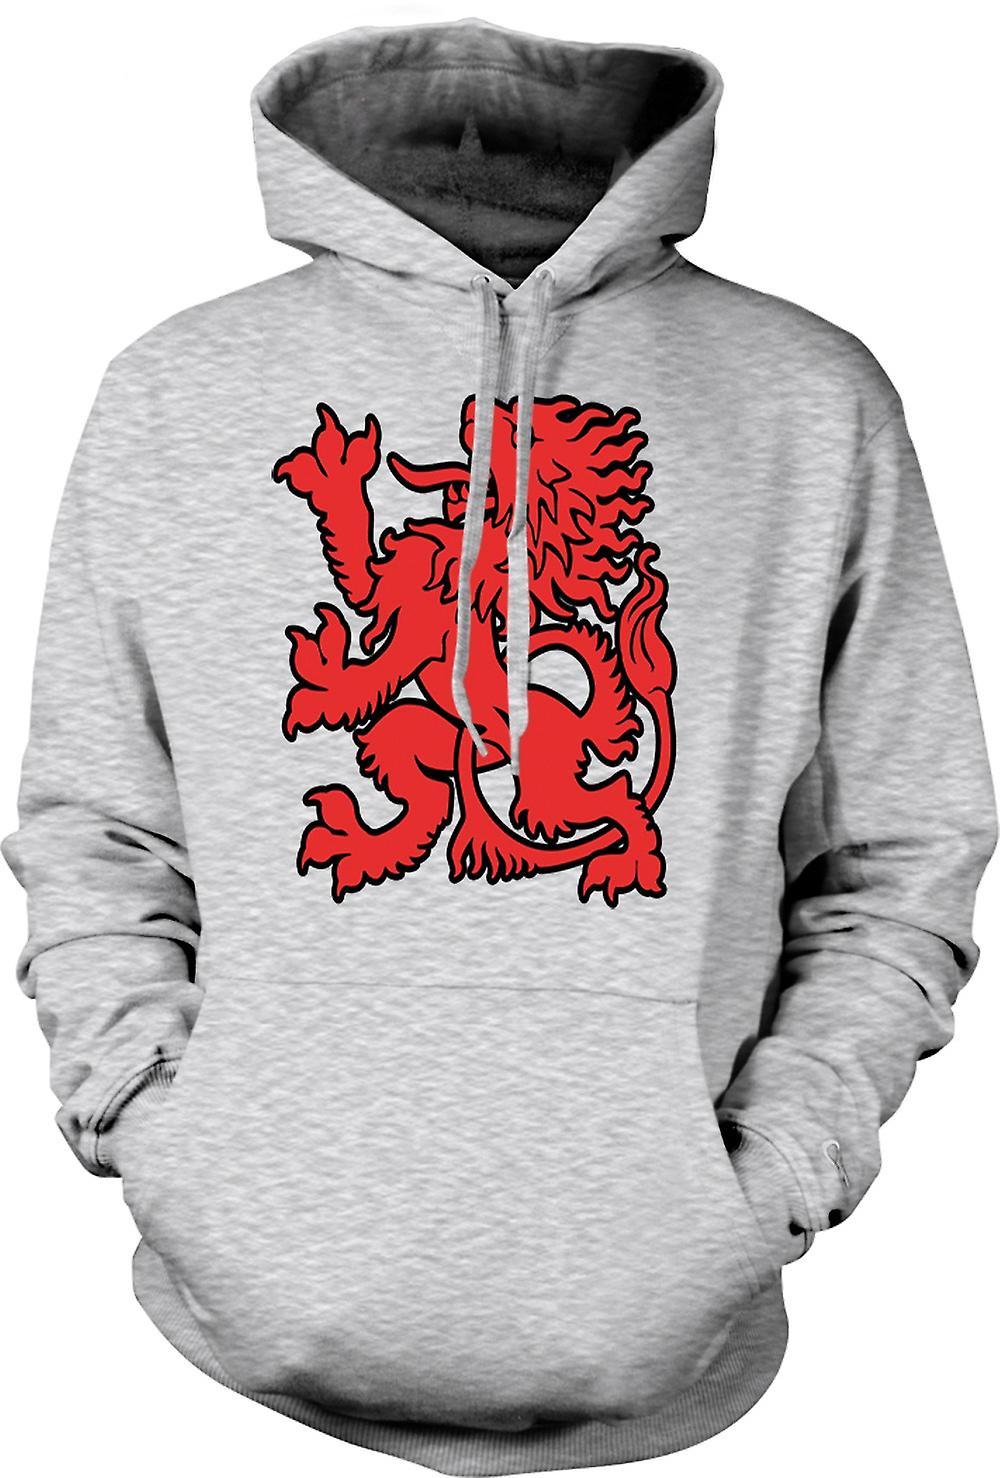 Mens Hoodie - I Love Wales